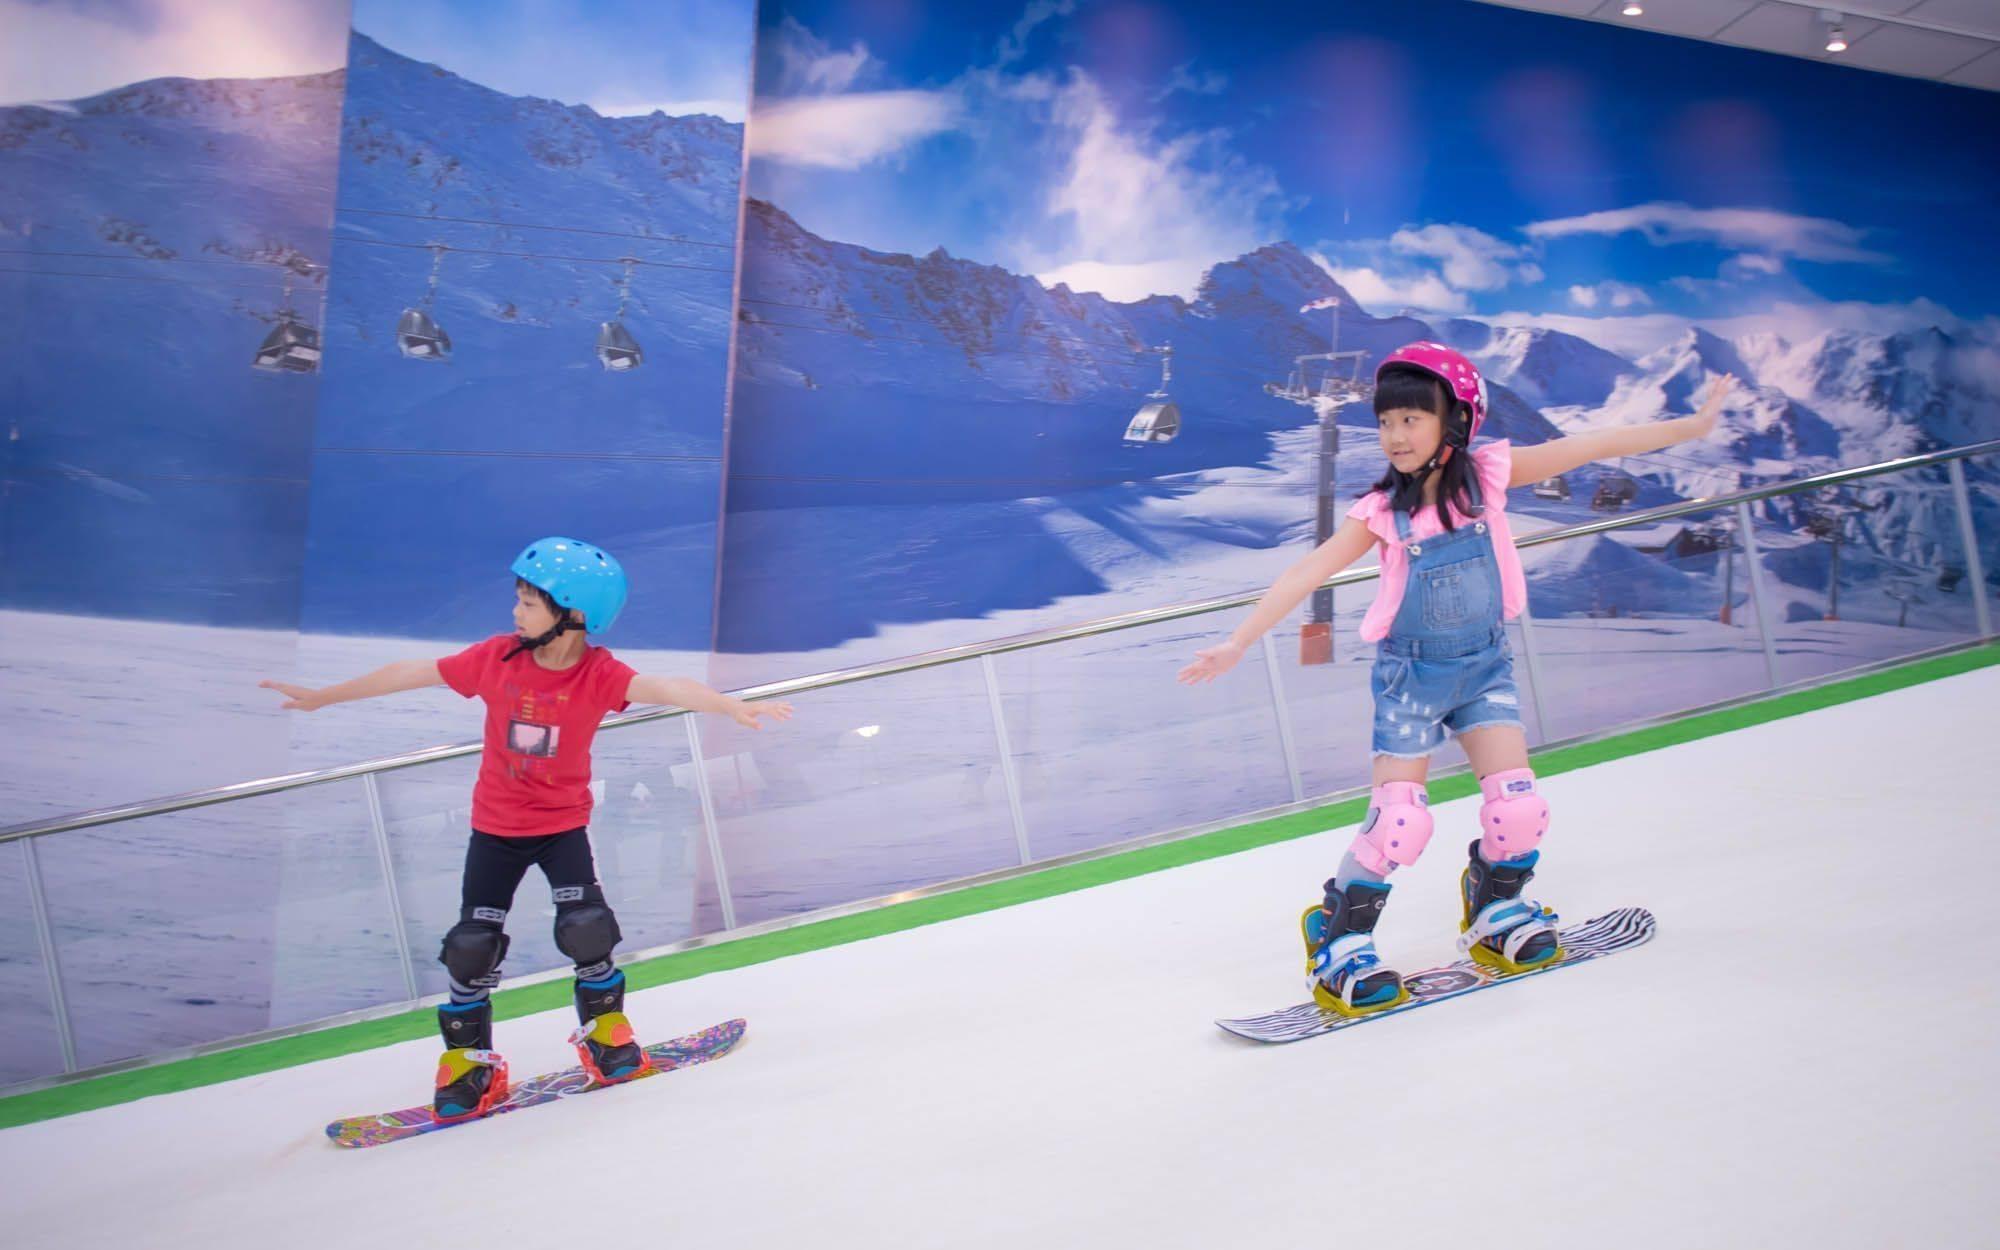 全國唯一奧運級滑雪學習機